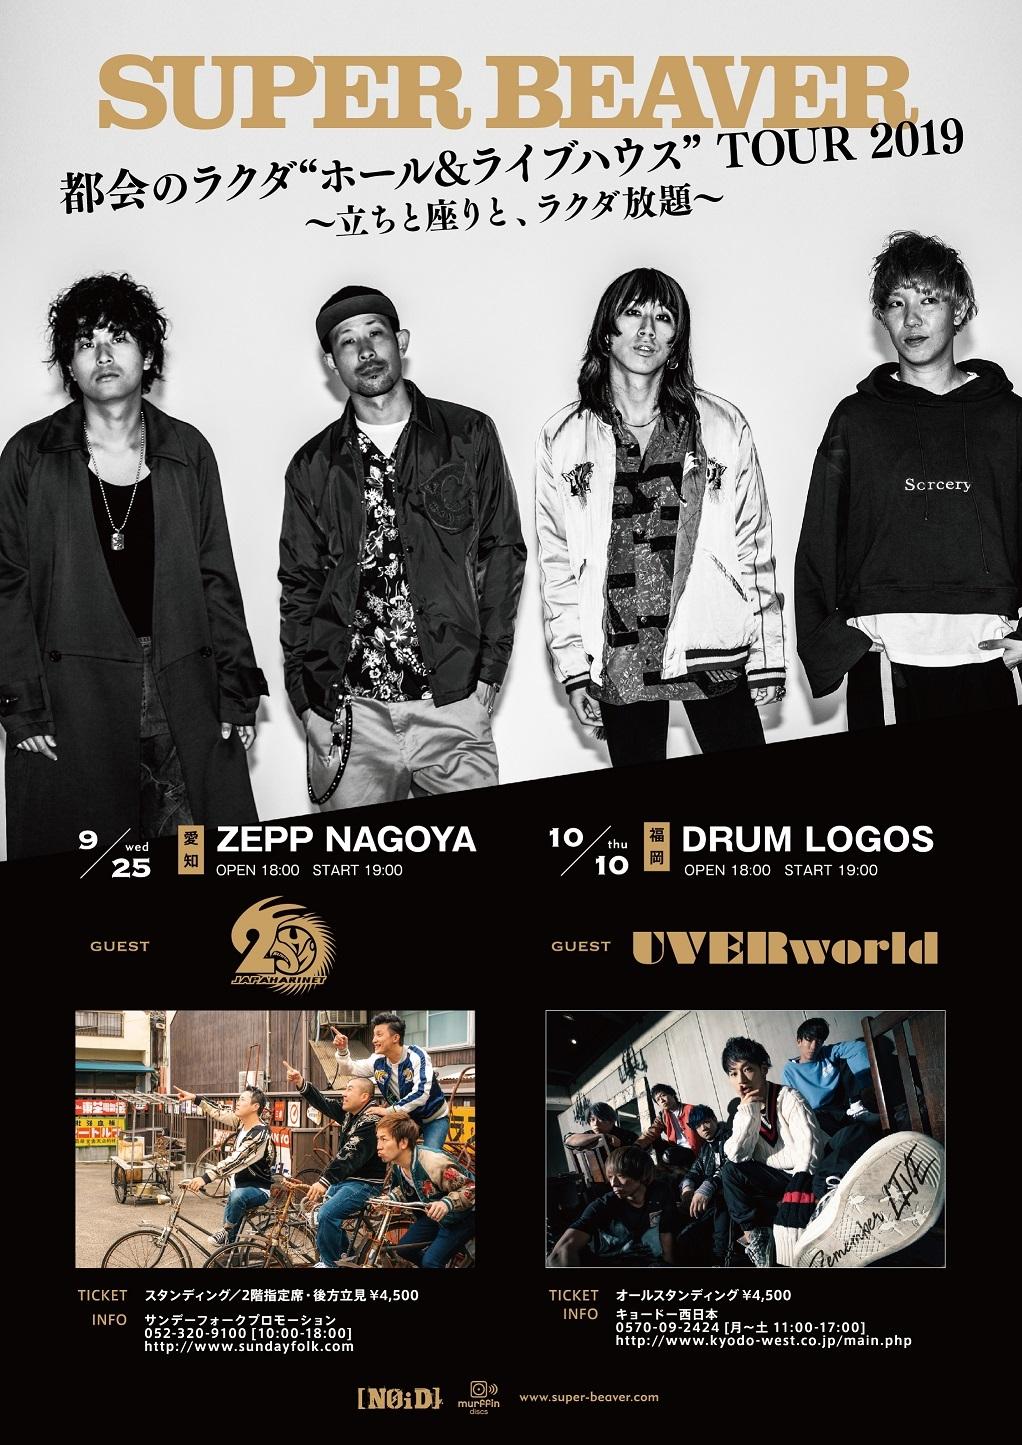 『都会のラクダ ″ホール&ライブハウス″ TOUR 2019〜立ちと座りと、ラクダ放題〜』